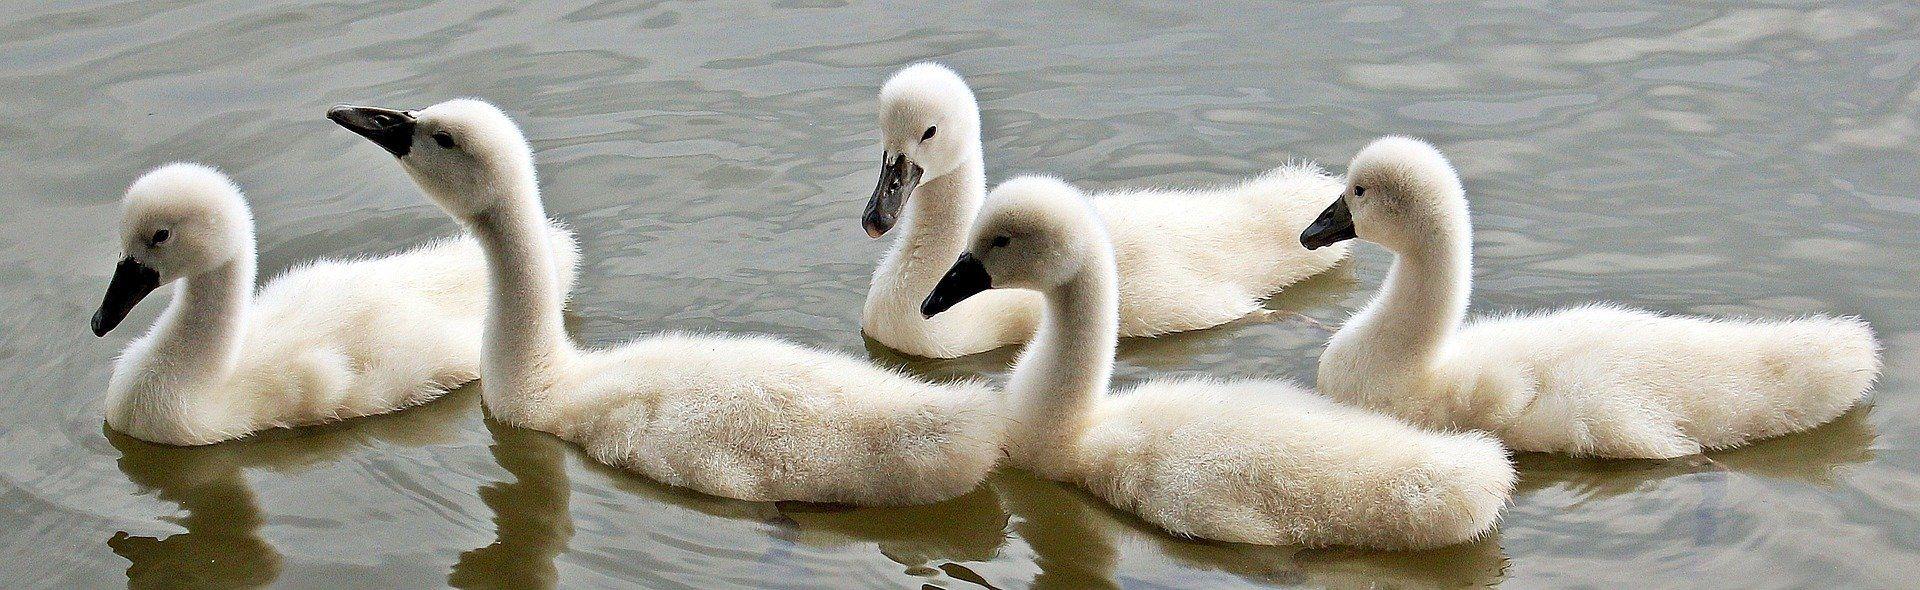 Скачать онлайн бесплатно лучшее фото белого лебедя крупным планом